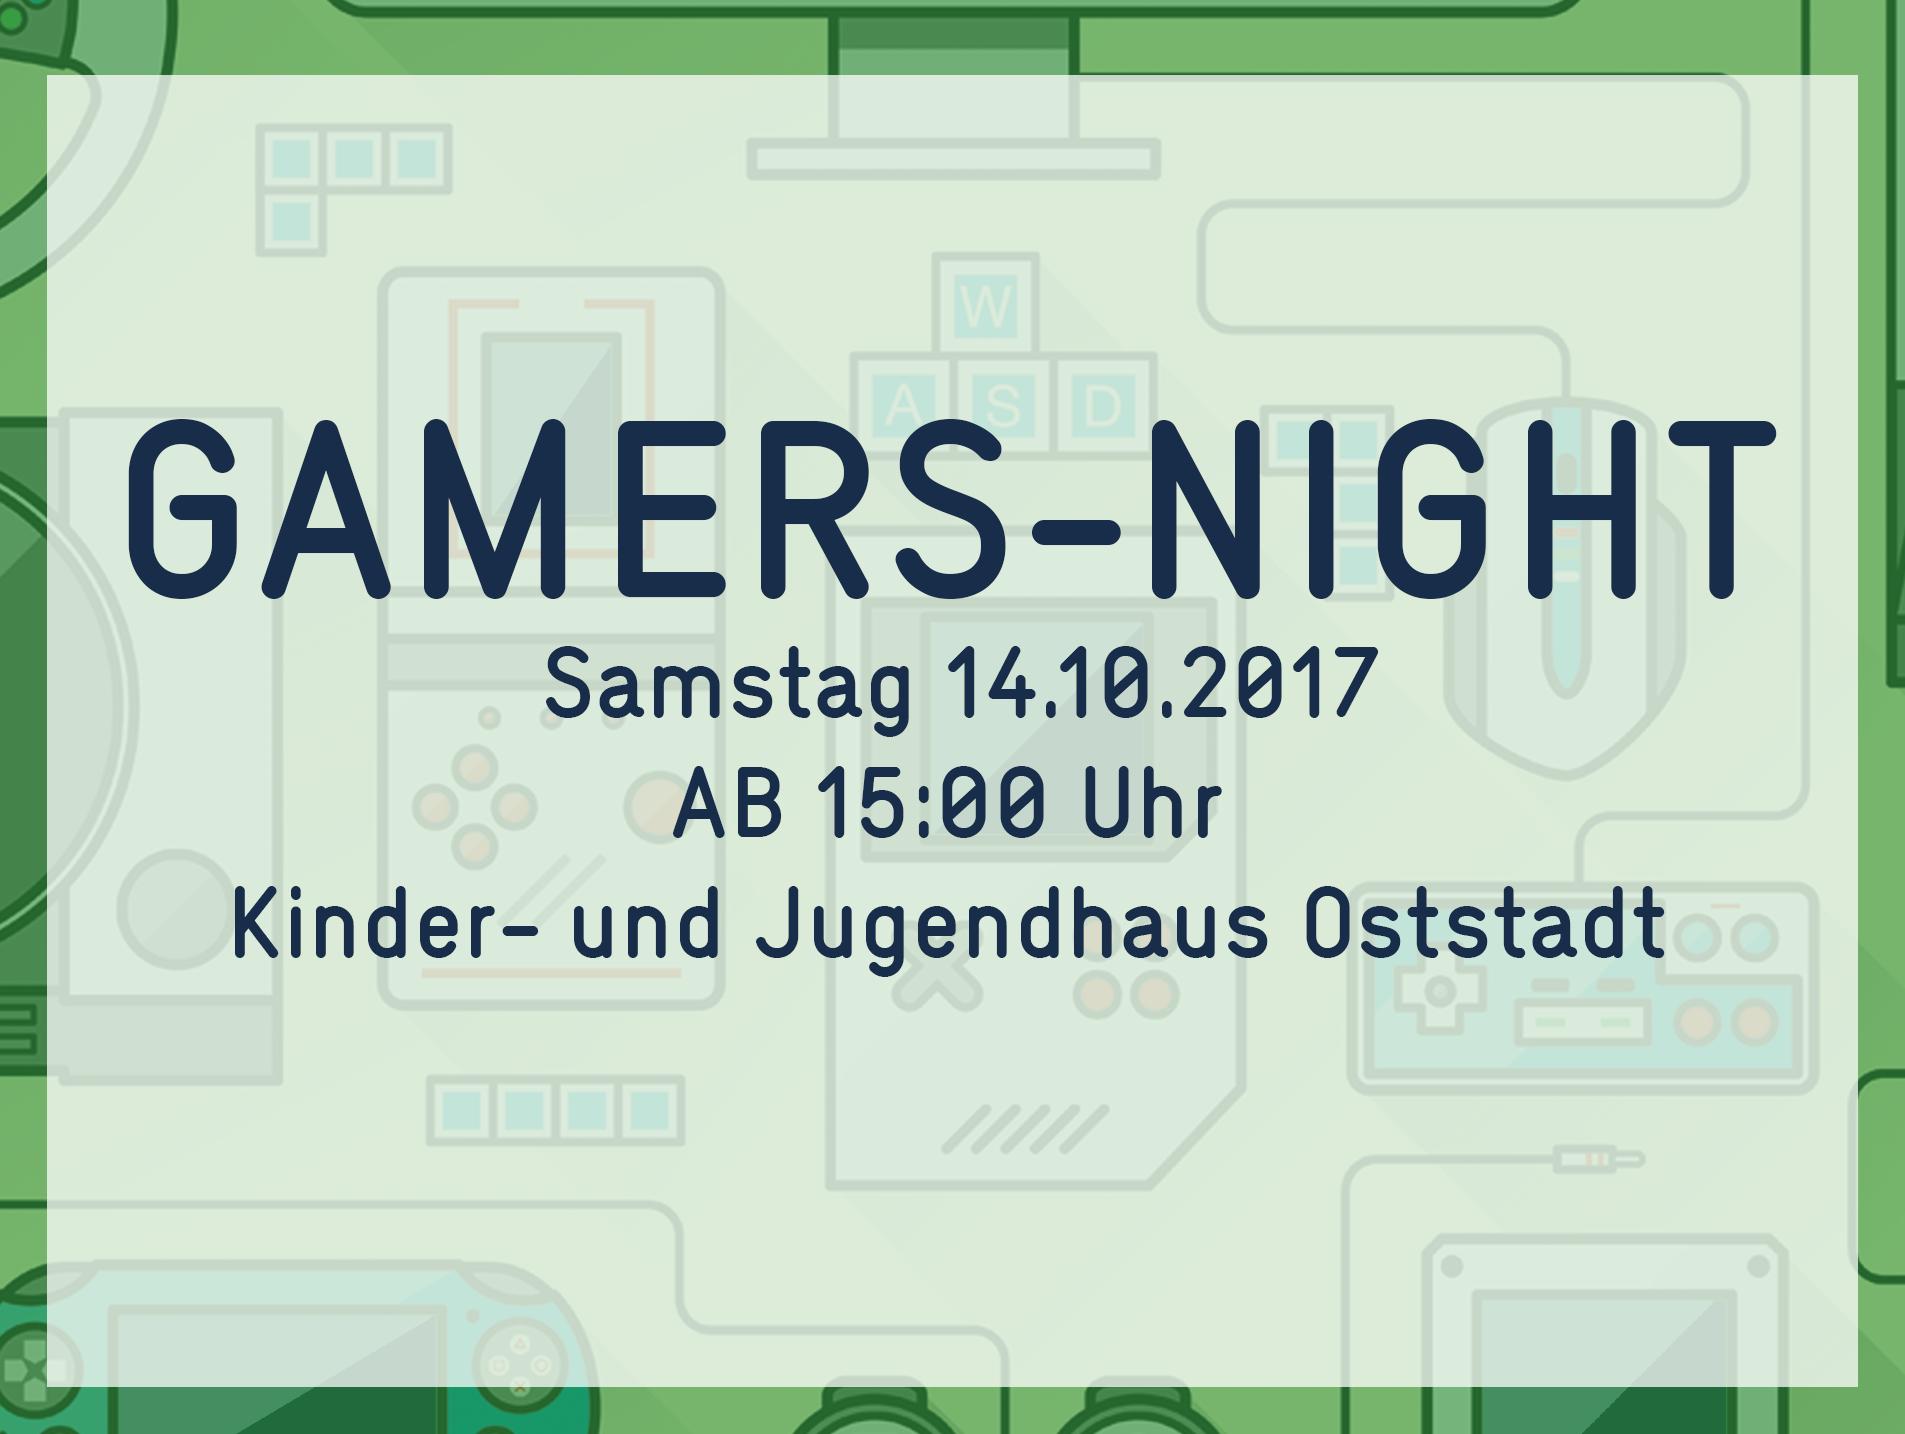 Gamers Night